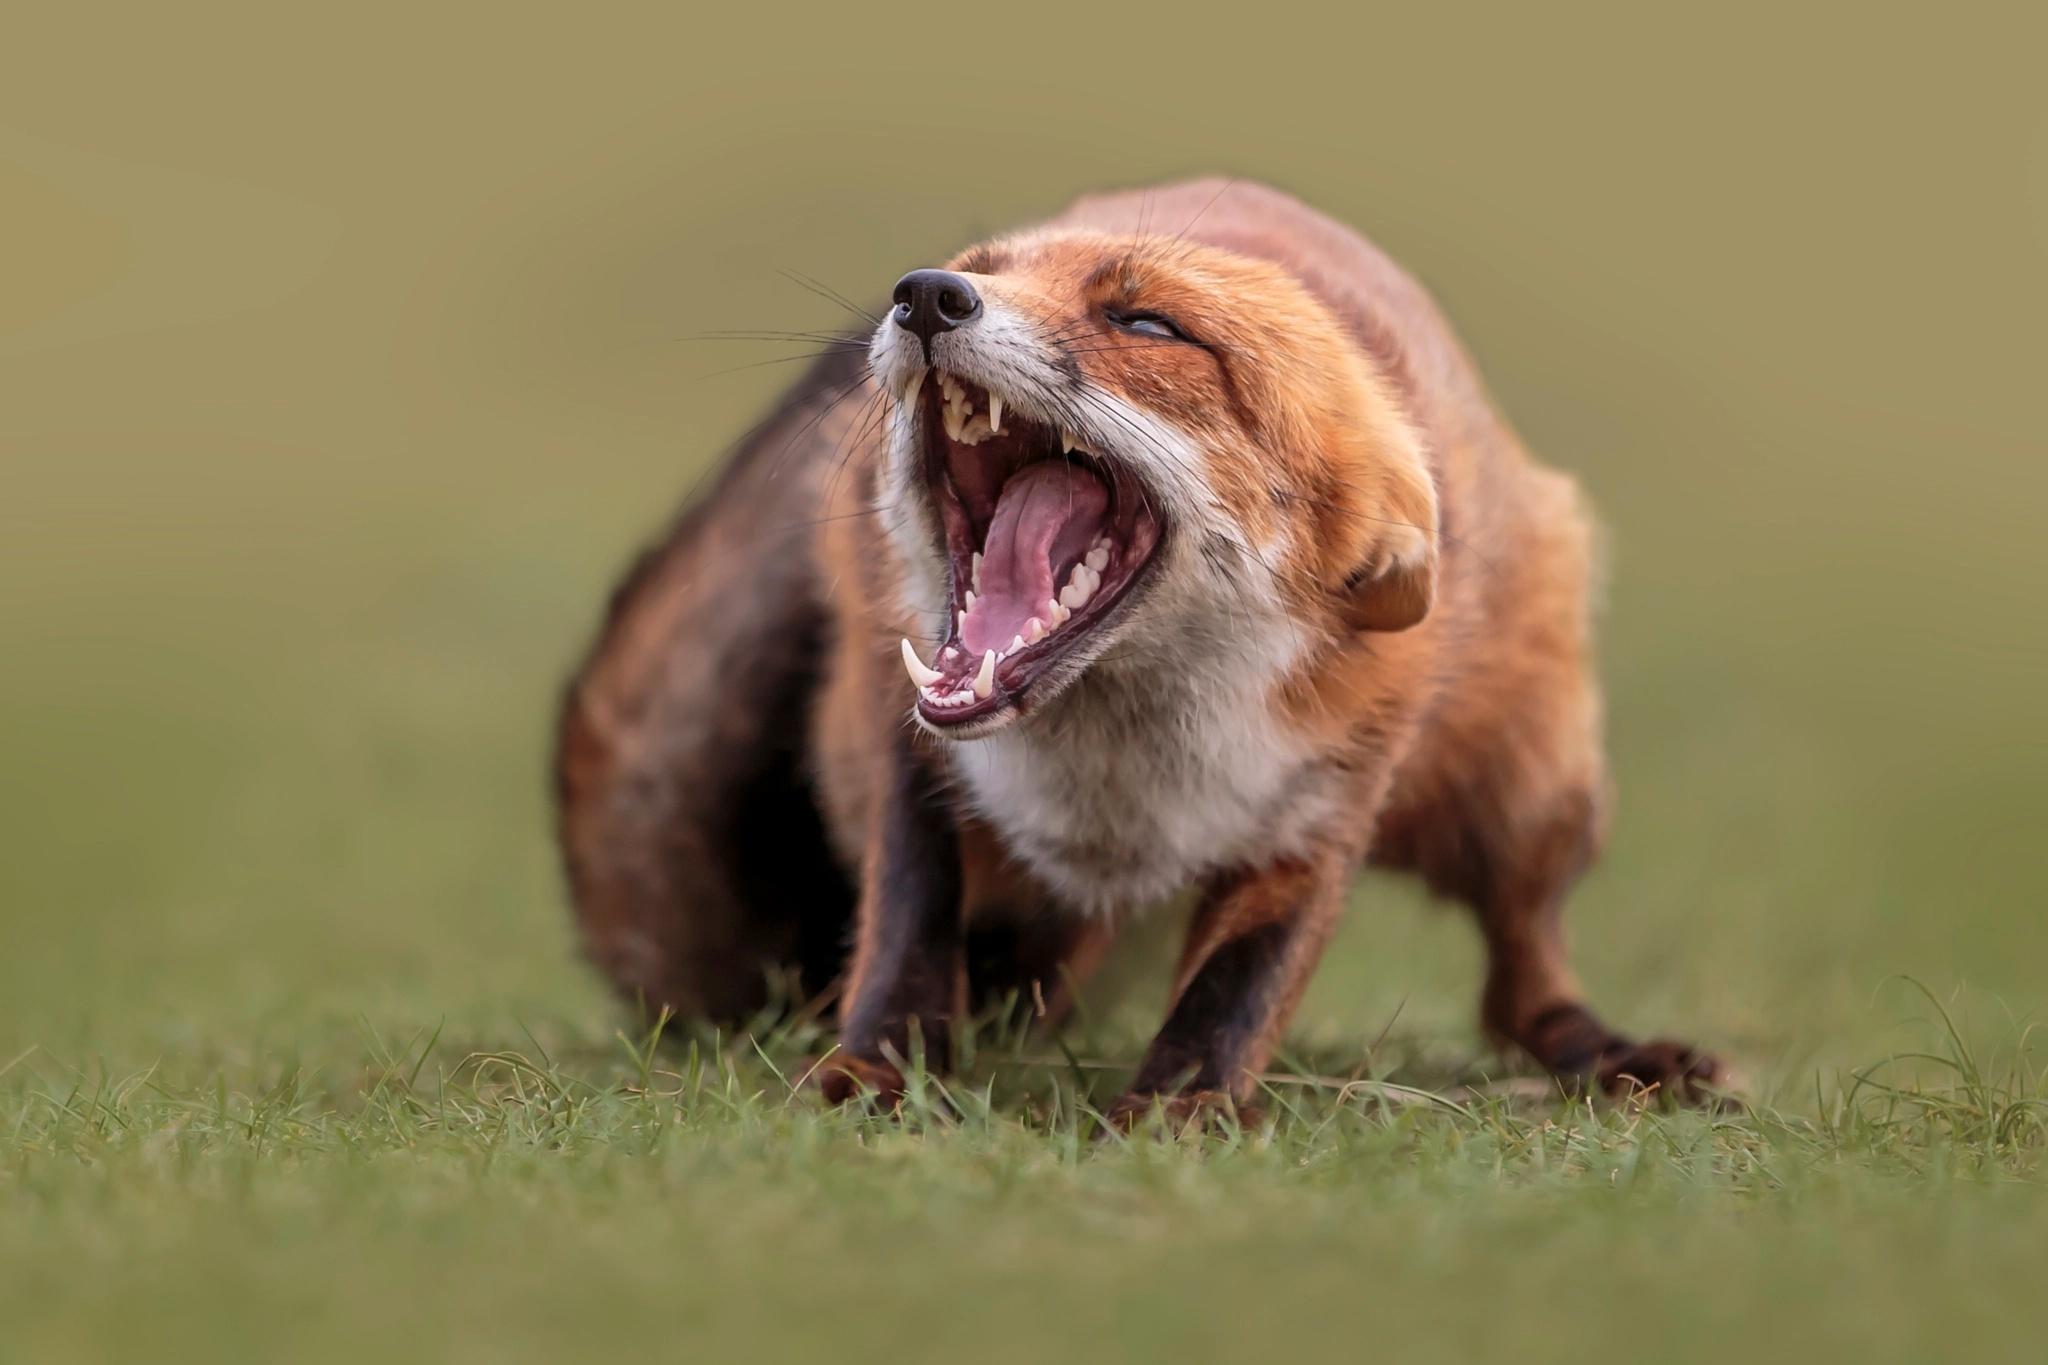 Foto Füchse Eckzahn unscharfer Hintergrund Zunge Grinsen ein Tier Bokeh Tiere